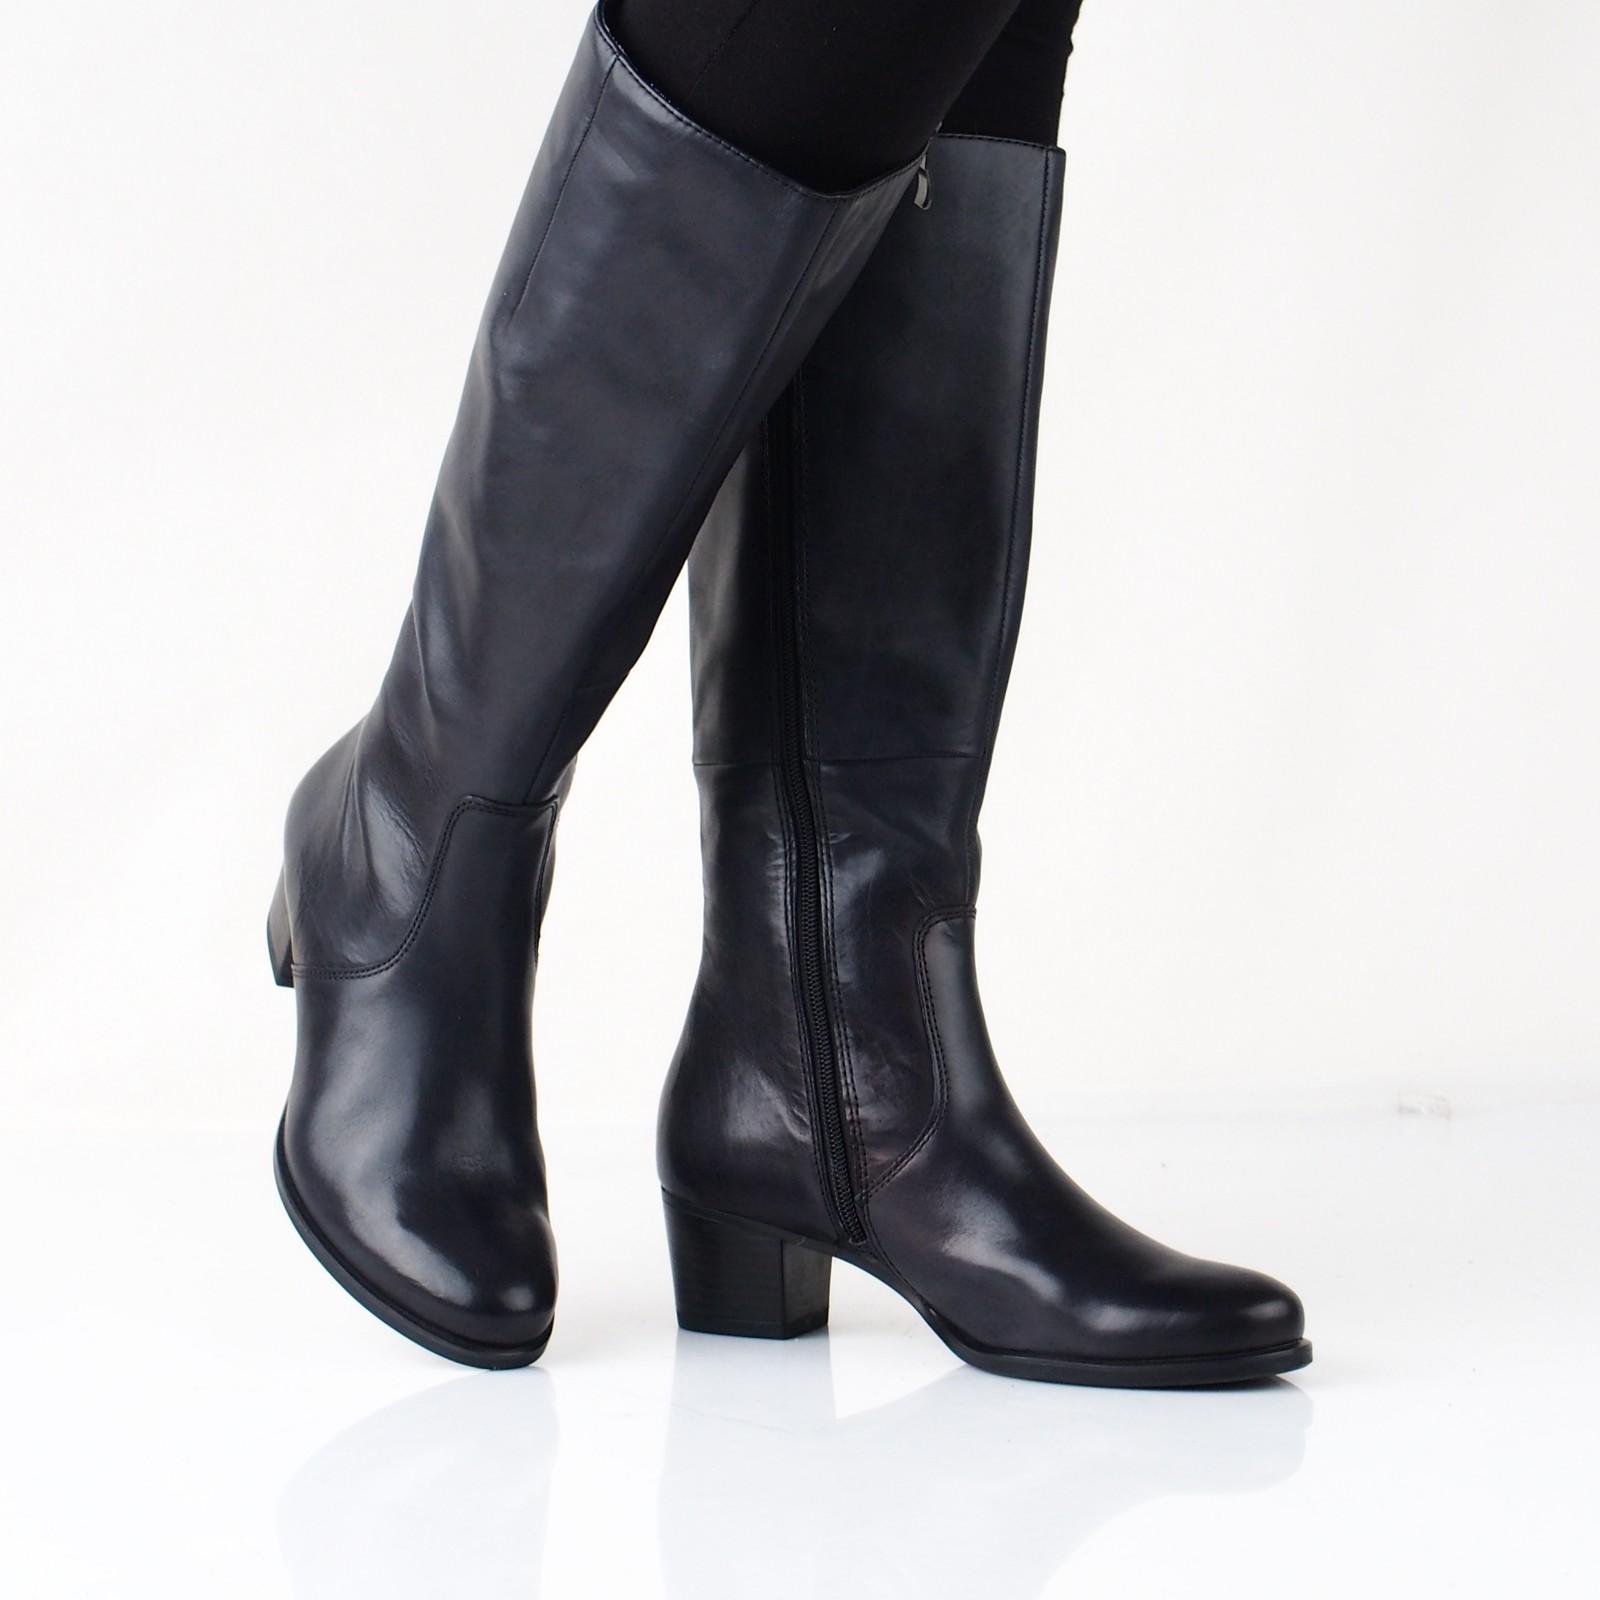 f93d0b1997 Caprice dámske kožené vysoké čižmy - čierne ...